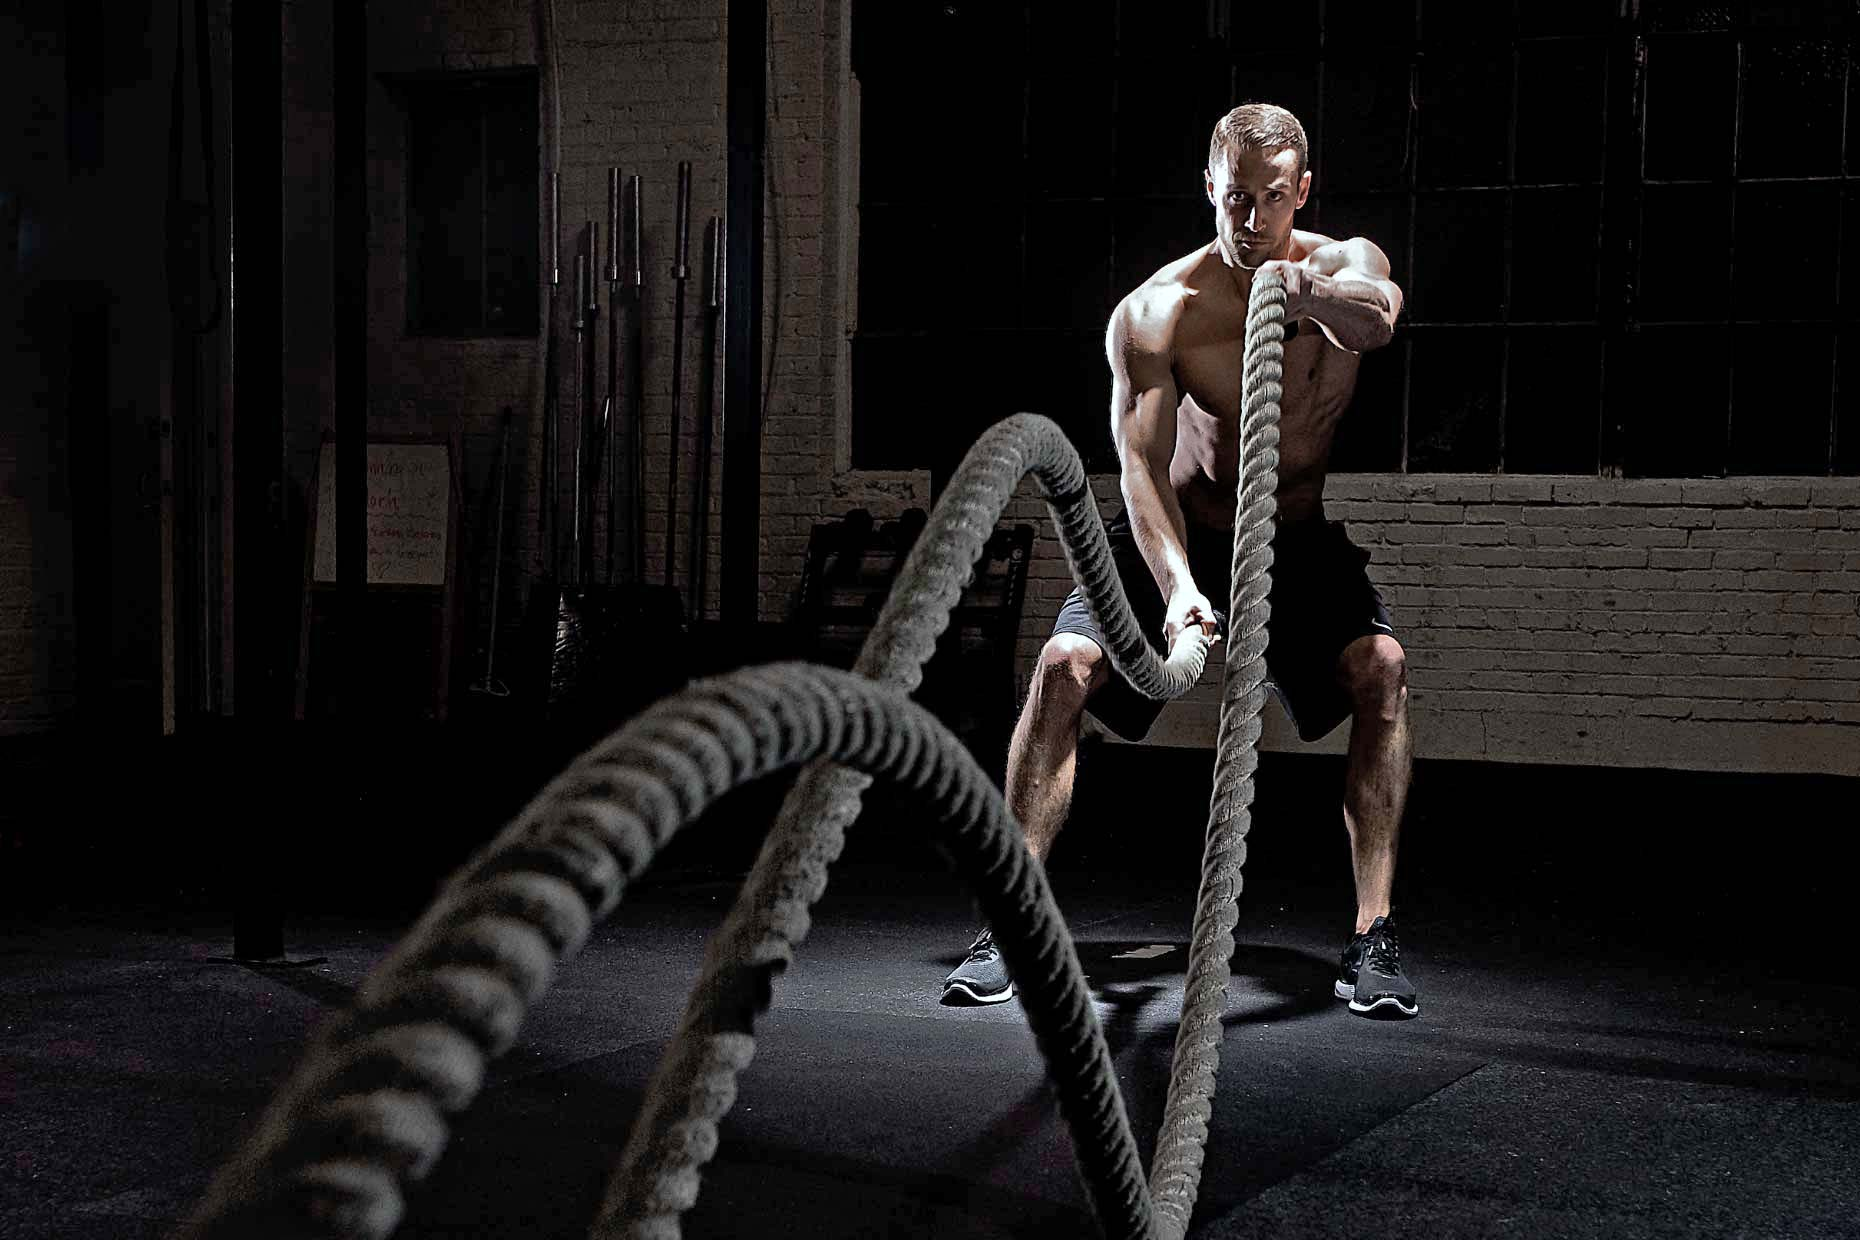 Pregatirea fizica te ajuta sa prestezi un efort fizic la un nivel mai ridicat, pentru o perioada mai lunga de timp.